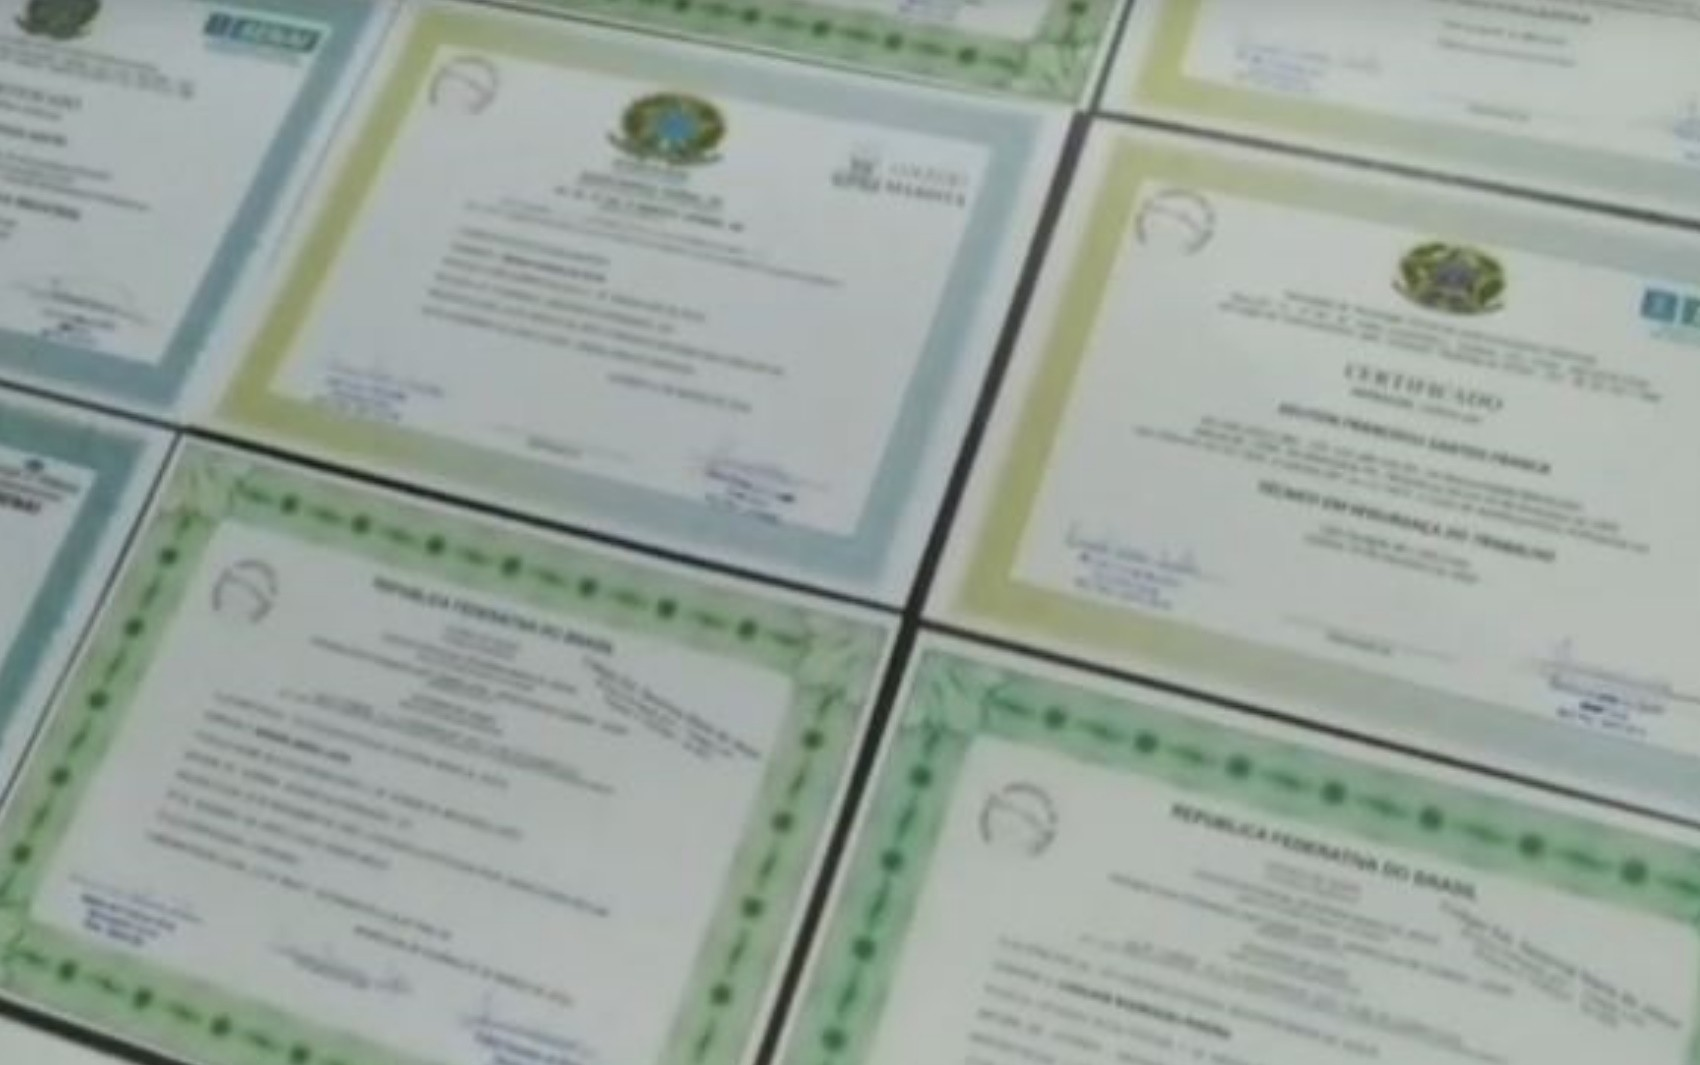 Dupla é presa suspeita de falsificar e vender diplomas universitários em Itaberaí